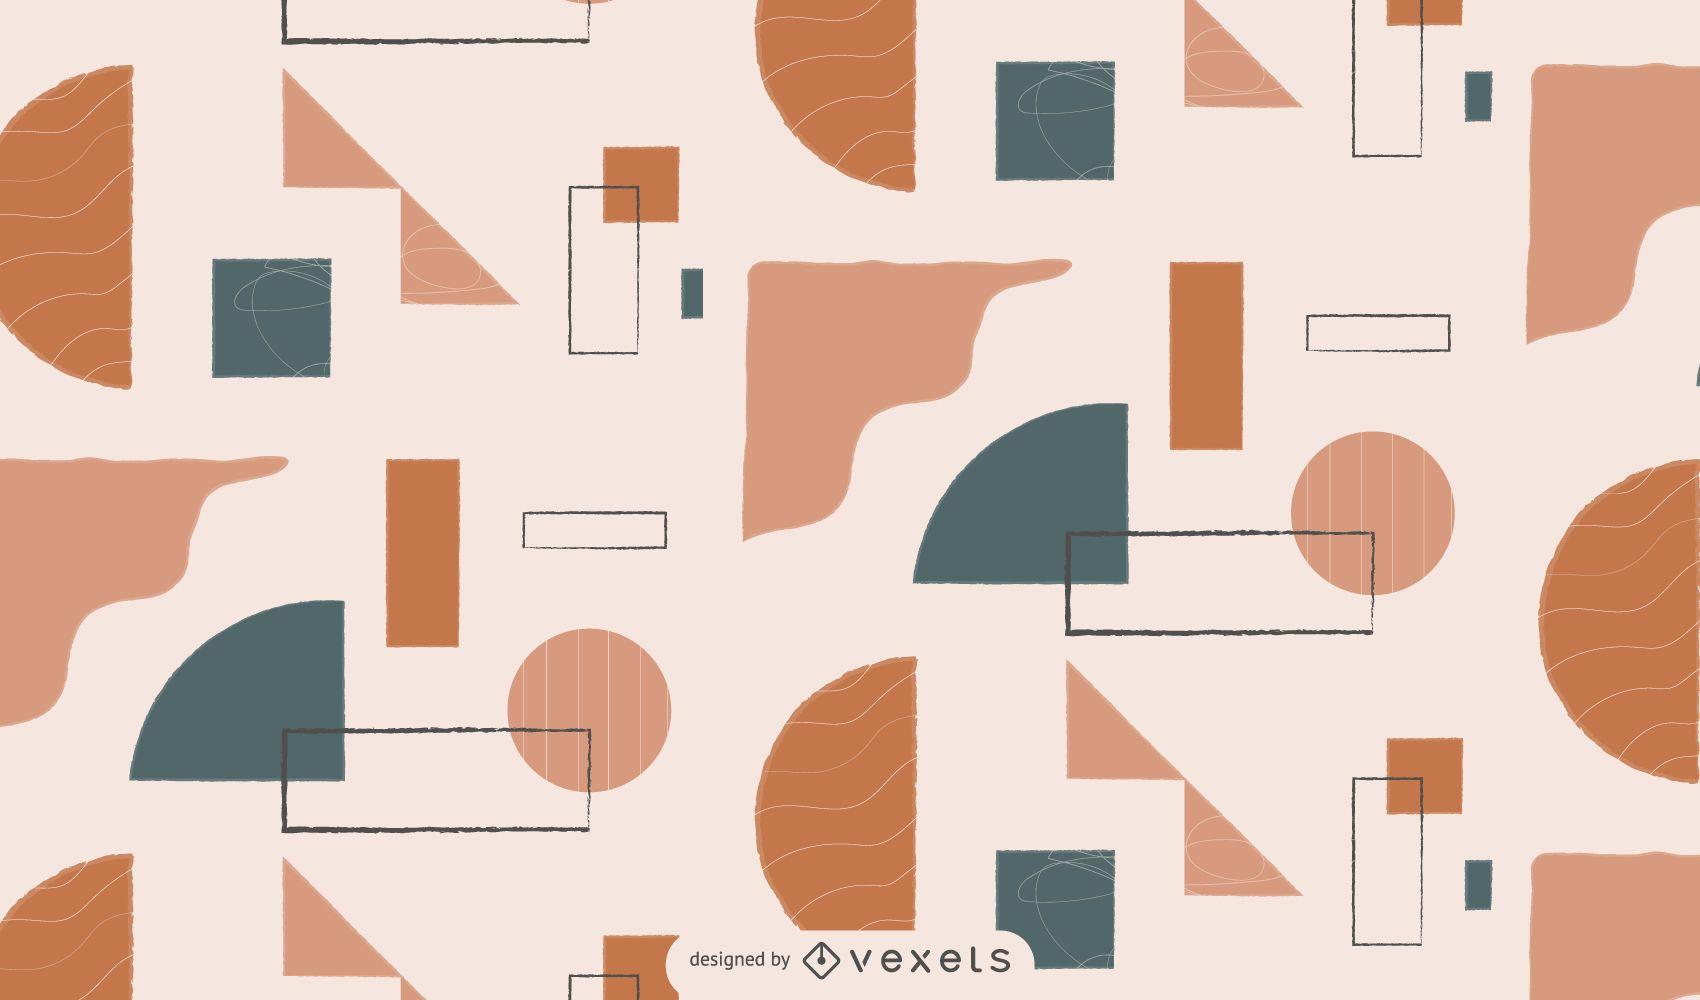 Diseño de patrón geométrico abstracto